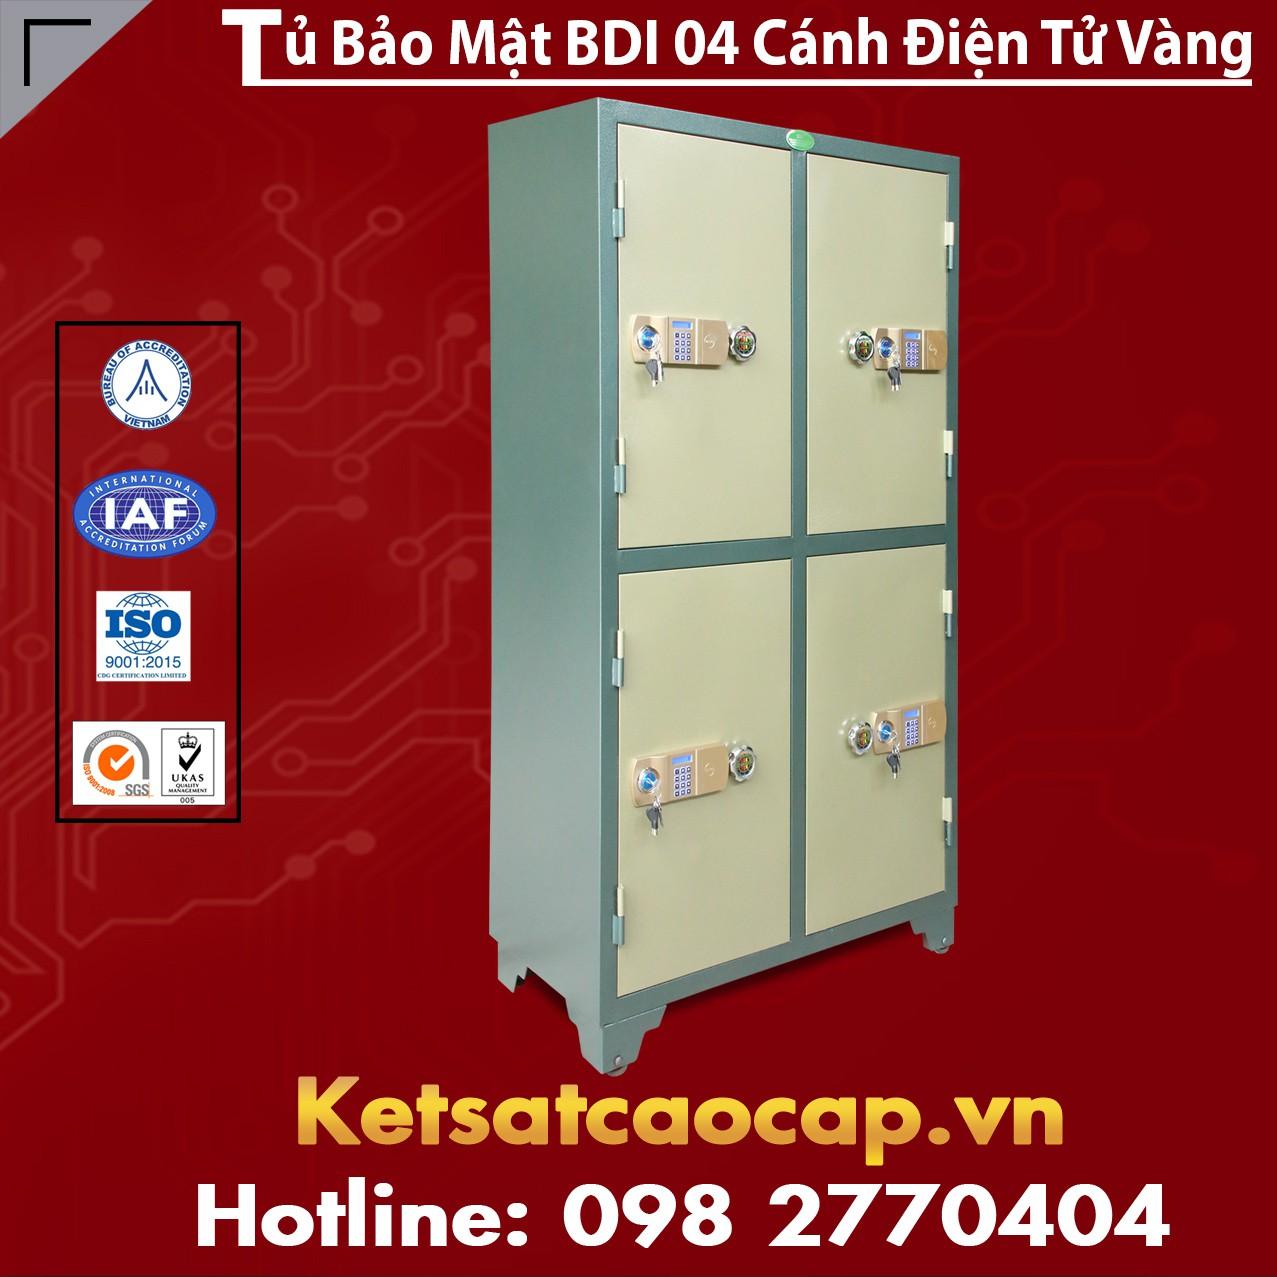 Tủ Bảo Mật BDI 4 Cánh Điện Tử Vàng